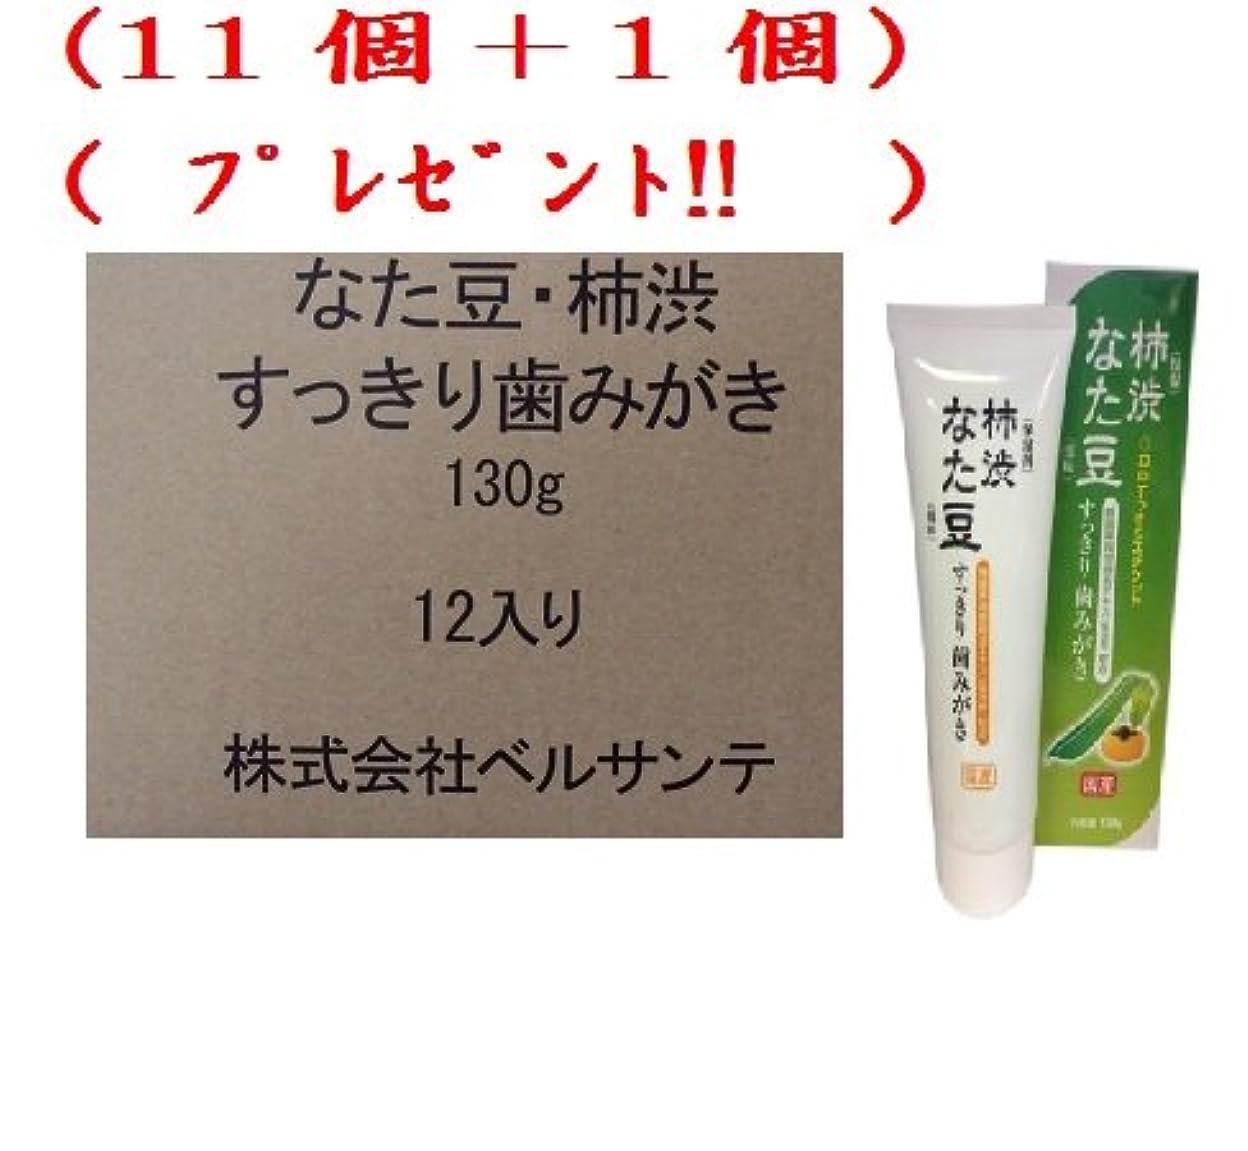 スリップ月専門用語ナタ豆柿渋歯みがき130g(●11個購入特別価額+1個プレゼント)